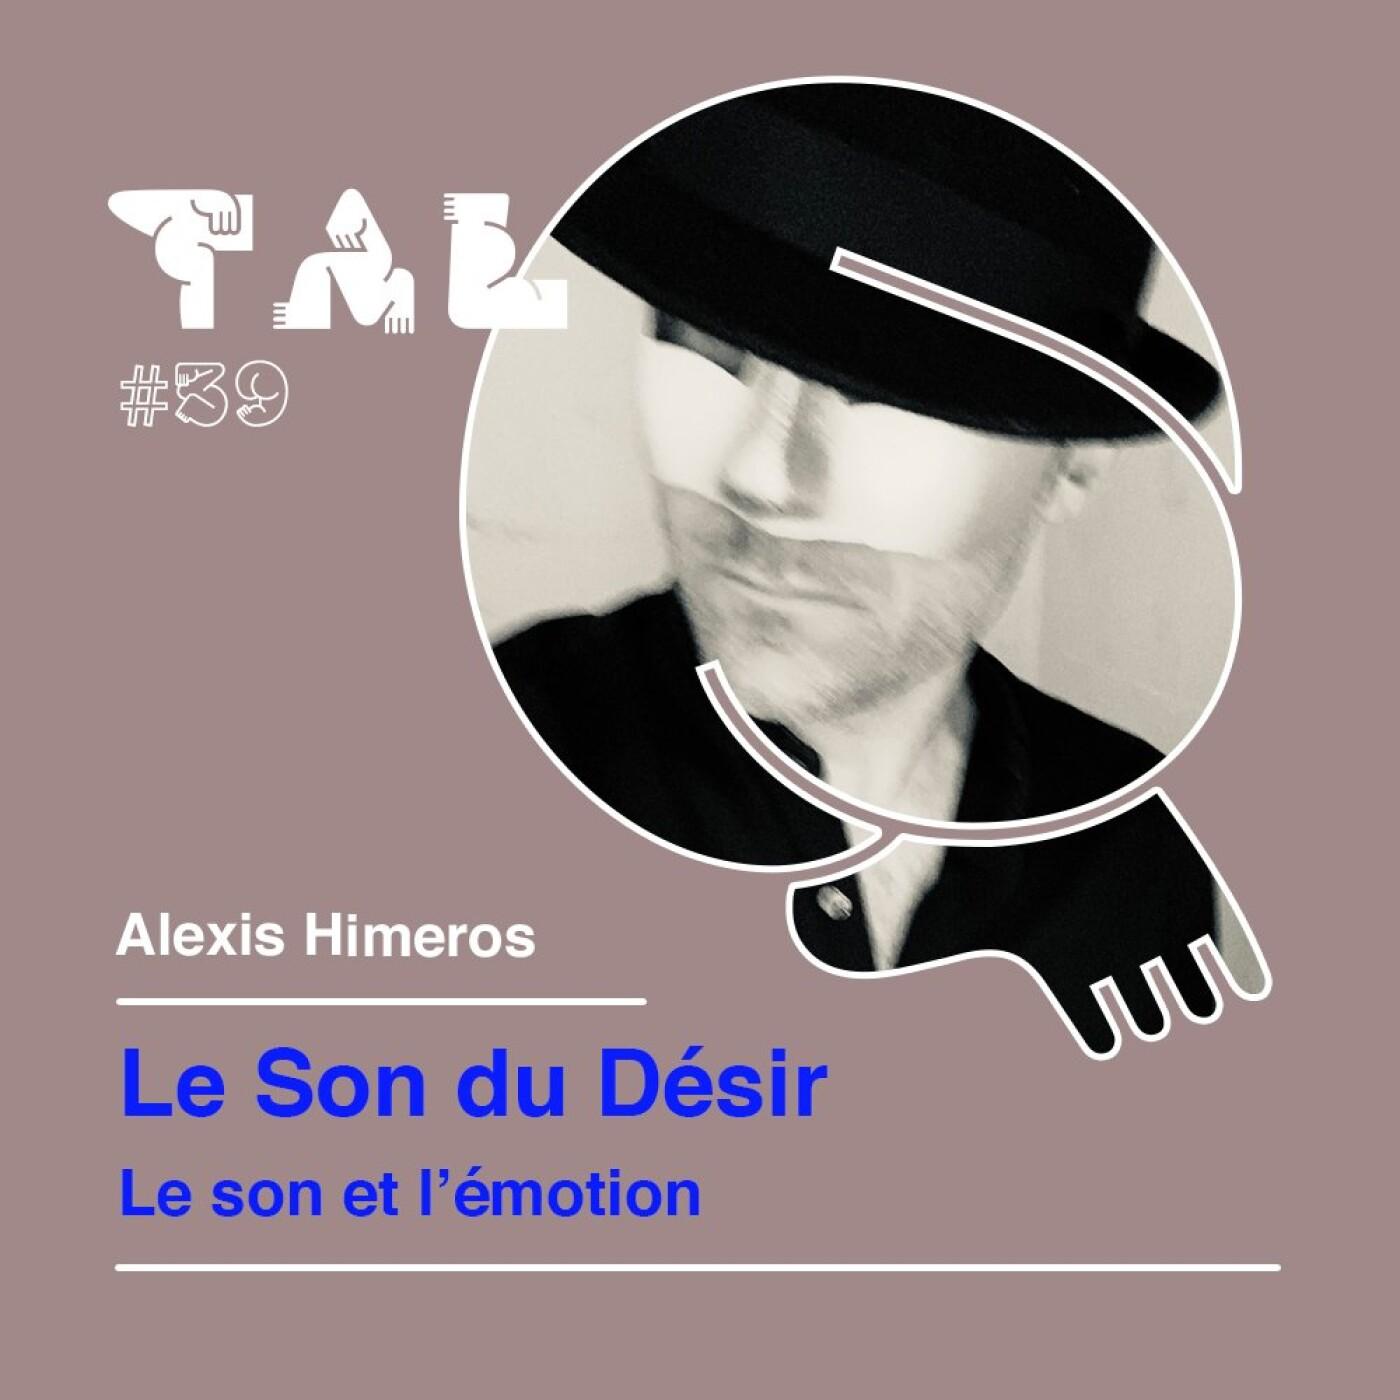 #39 - Alexis Himeros : la voix de Le Son Du Désir - Le son et l'émotion